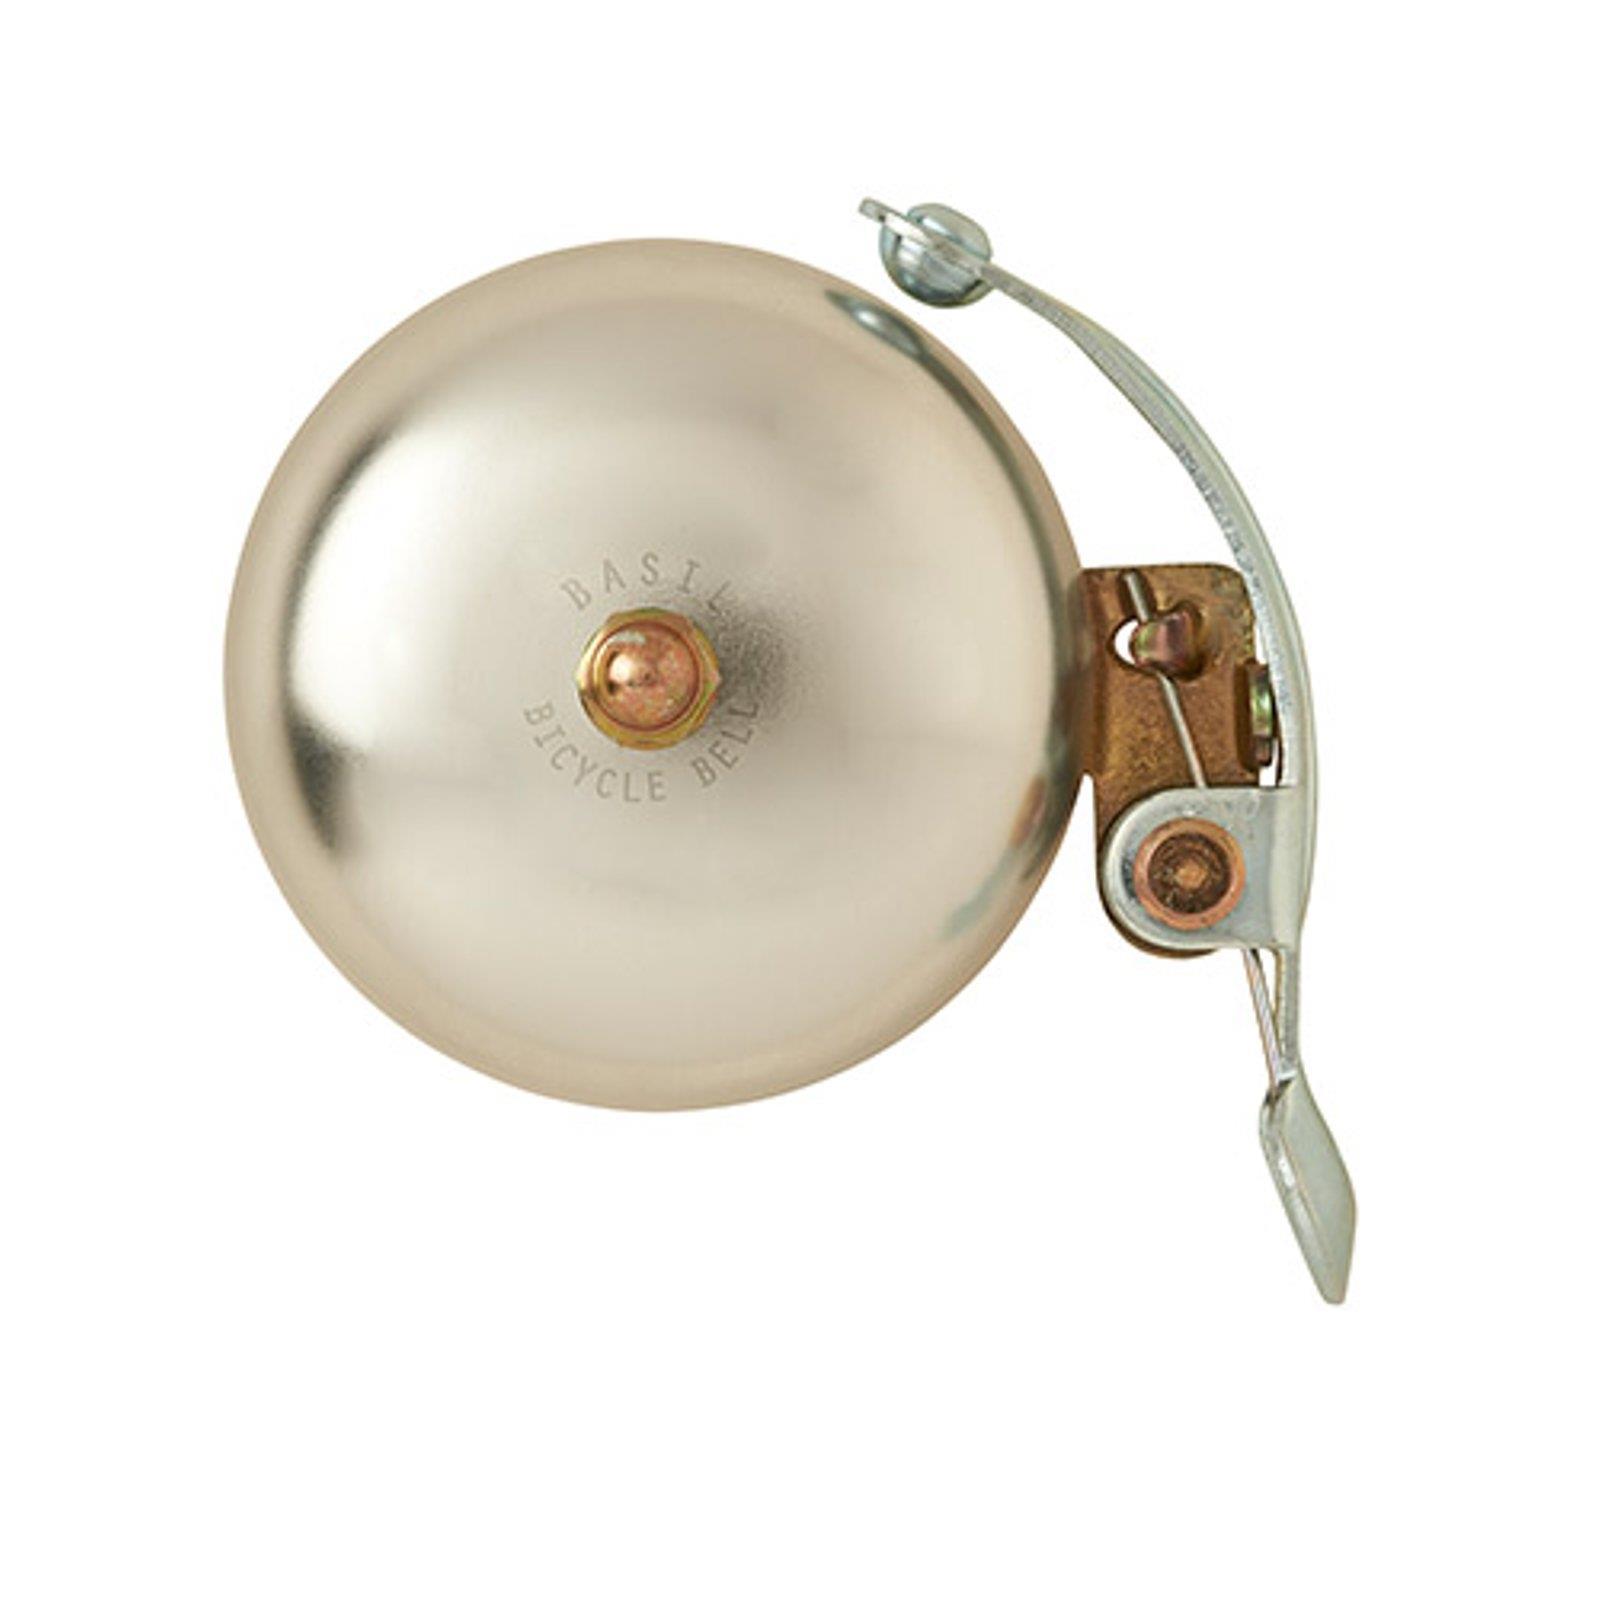 Basil-CAMPANA-Portland-Brass-BICICLETTA-CAMPANELLO-RETRo-VINTAGE-CLASSIC-secondo-elegante miniatura 3